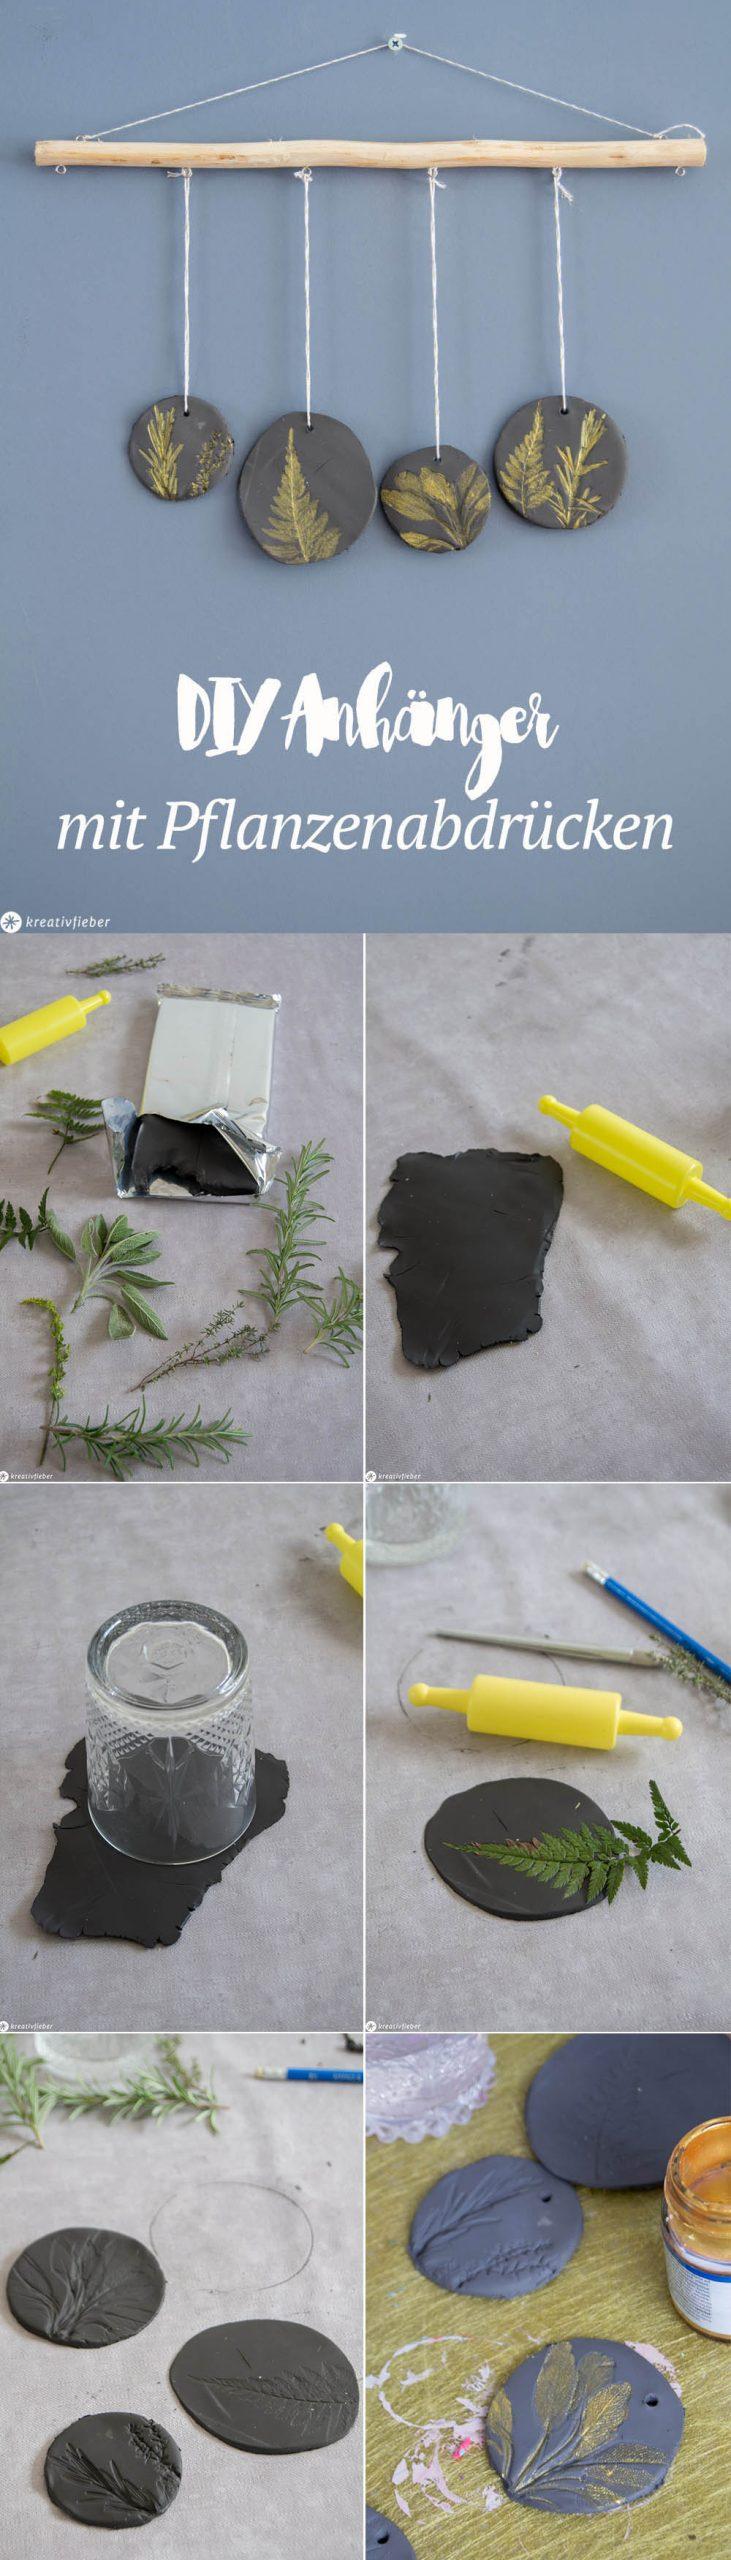 Anleitung Anhänger Pflanzenabdrücke